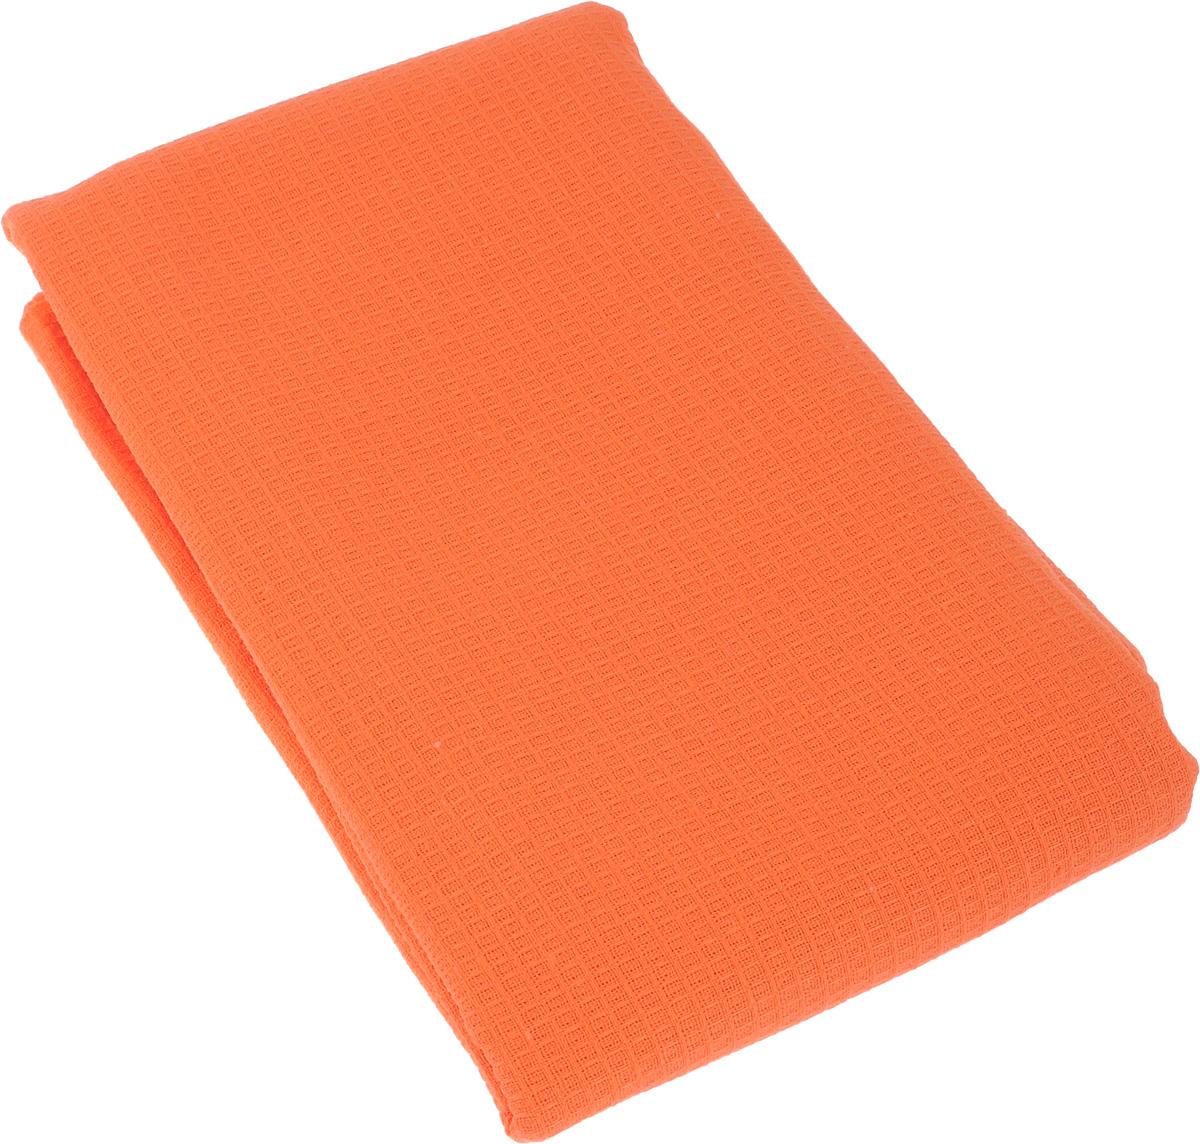 Полотенце-простыня для бани и сауны Банные штучки, цвет: оранжевый, 80 х 150 см531-105Вафельное полотенце-простыня для бани и сауны Банные штучки изготовлено из натурального хлопка. В парилке можно лежать на нем, после душа вытираться, а во время отдыха использовать как удобную накидку. Такое полотенце-простыня идеально подойдет каждому любителю бани и сауны.